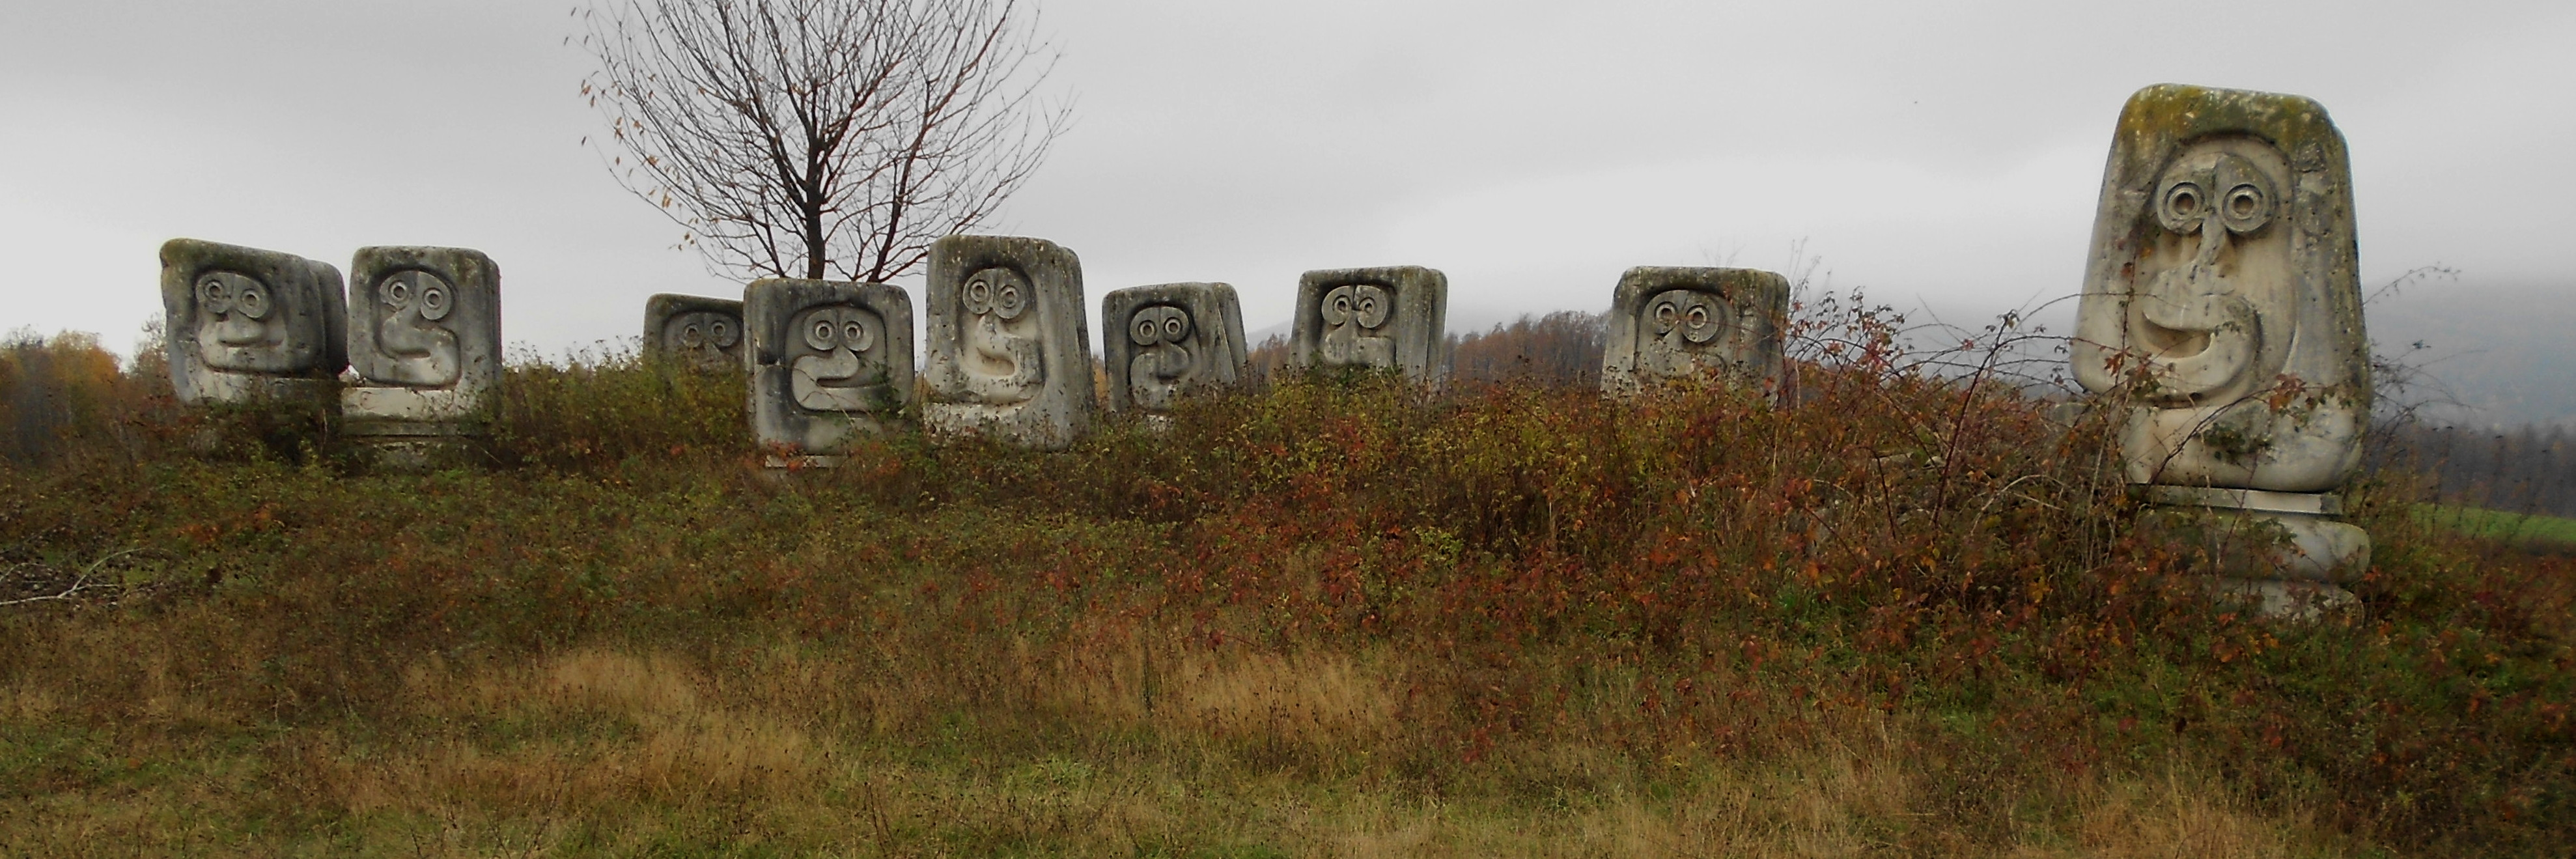 Некрополь жертв фашизма. Фото: Елена Арсениевич, CC BY-SA 3.0